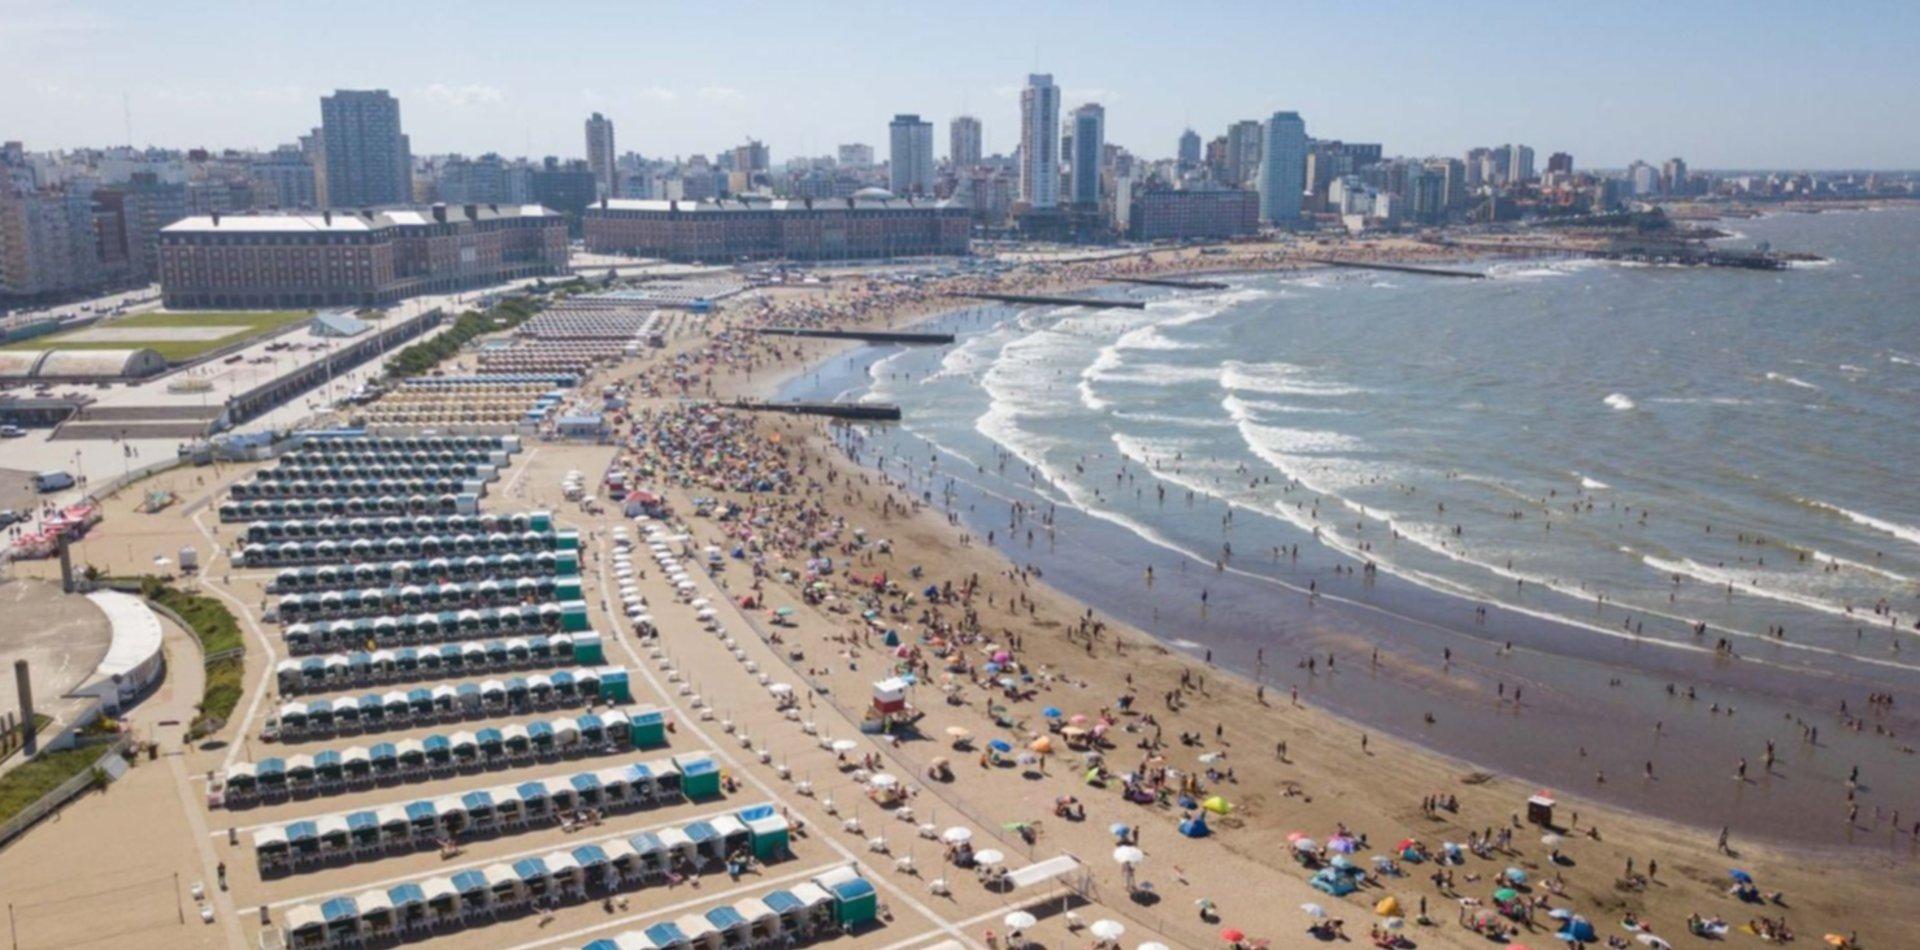 Los turistas ya tramitan unos 1.700 permisos por hora para irse de vacaciones